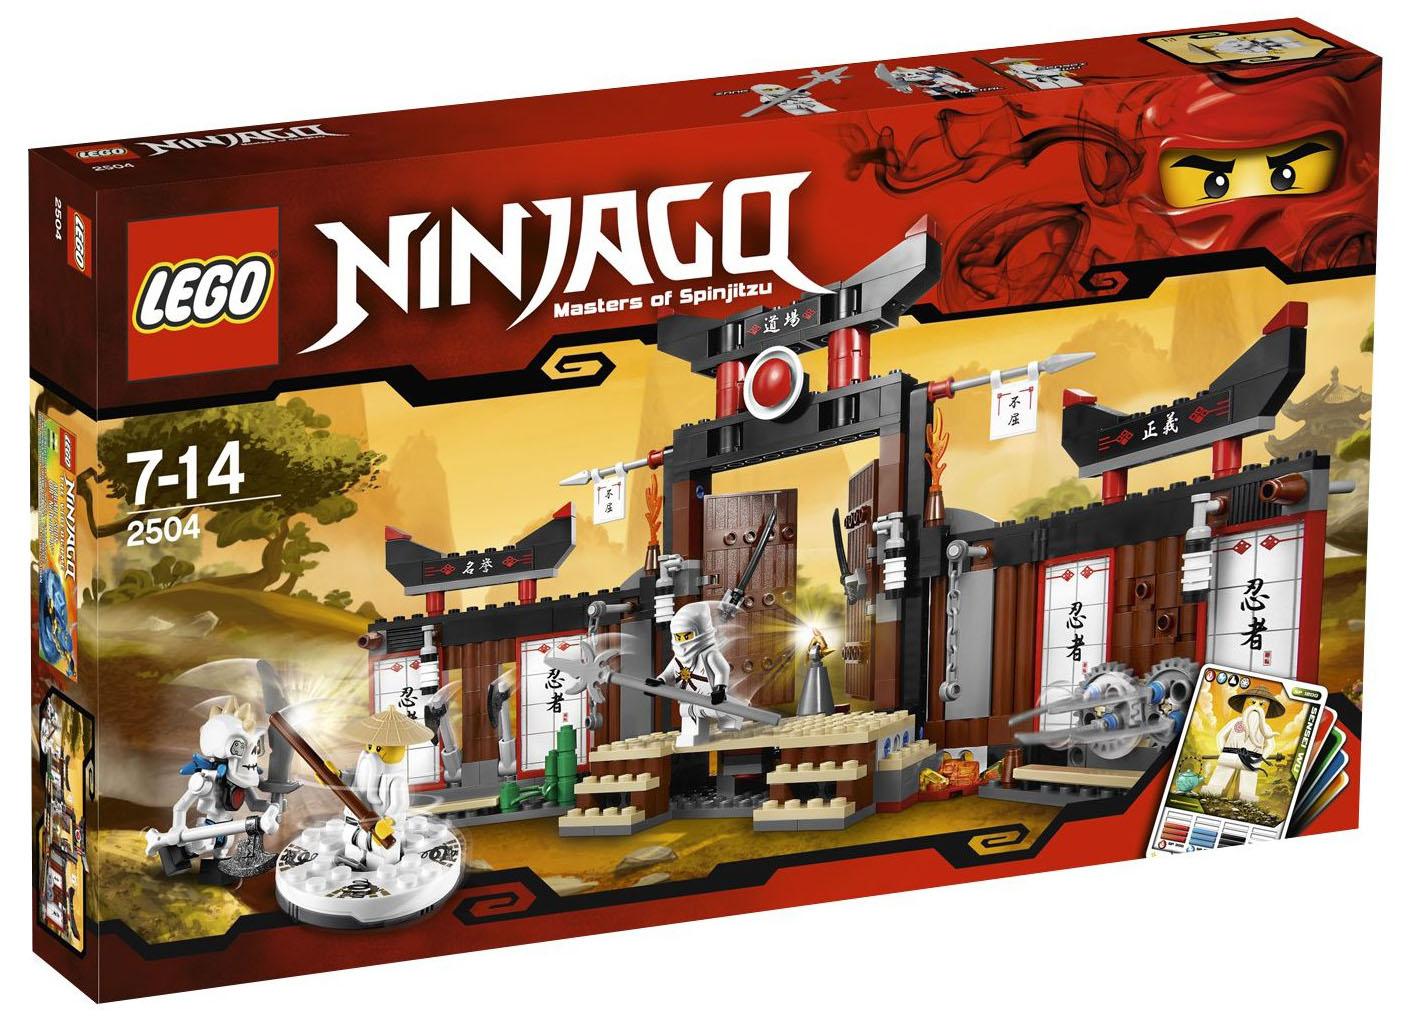 Lego ninjago 2504 pas cher le temple d 39 entra nement - Lego ninjago d or ...